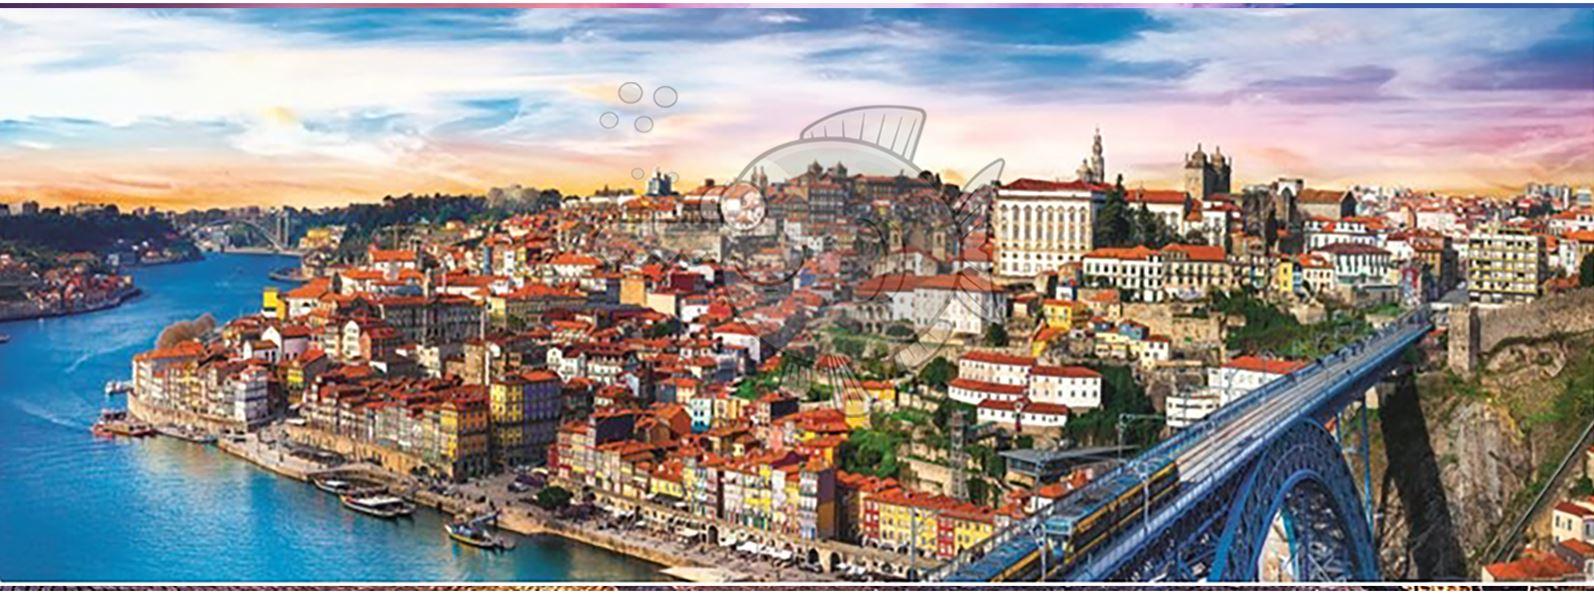 Trefl-300-500-1000-1500-2000-3000-4000-6000-Piece-Jigsaw-Puzzle-Paysages-Ville miniature 166